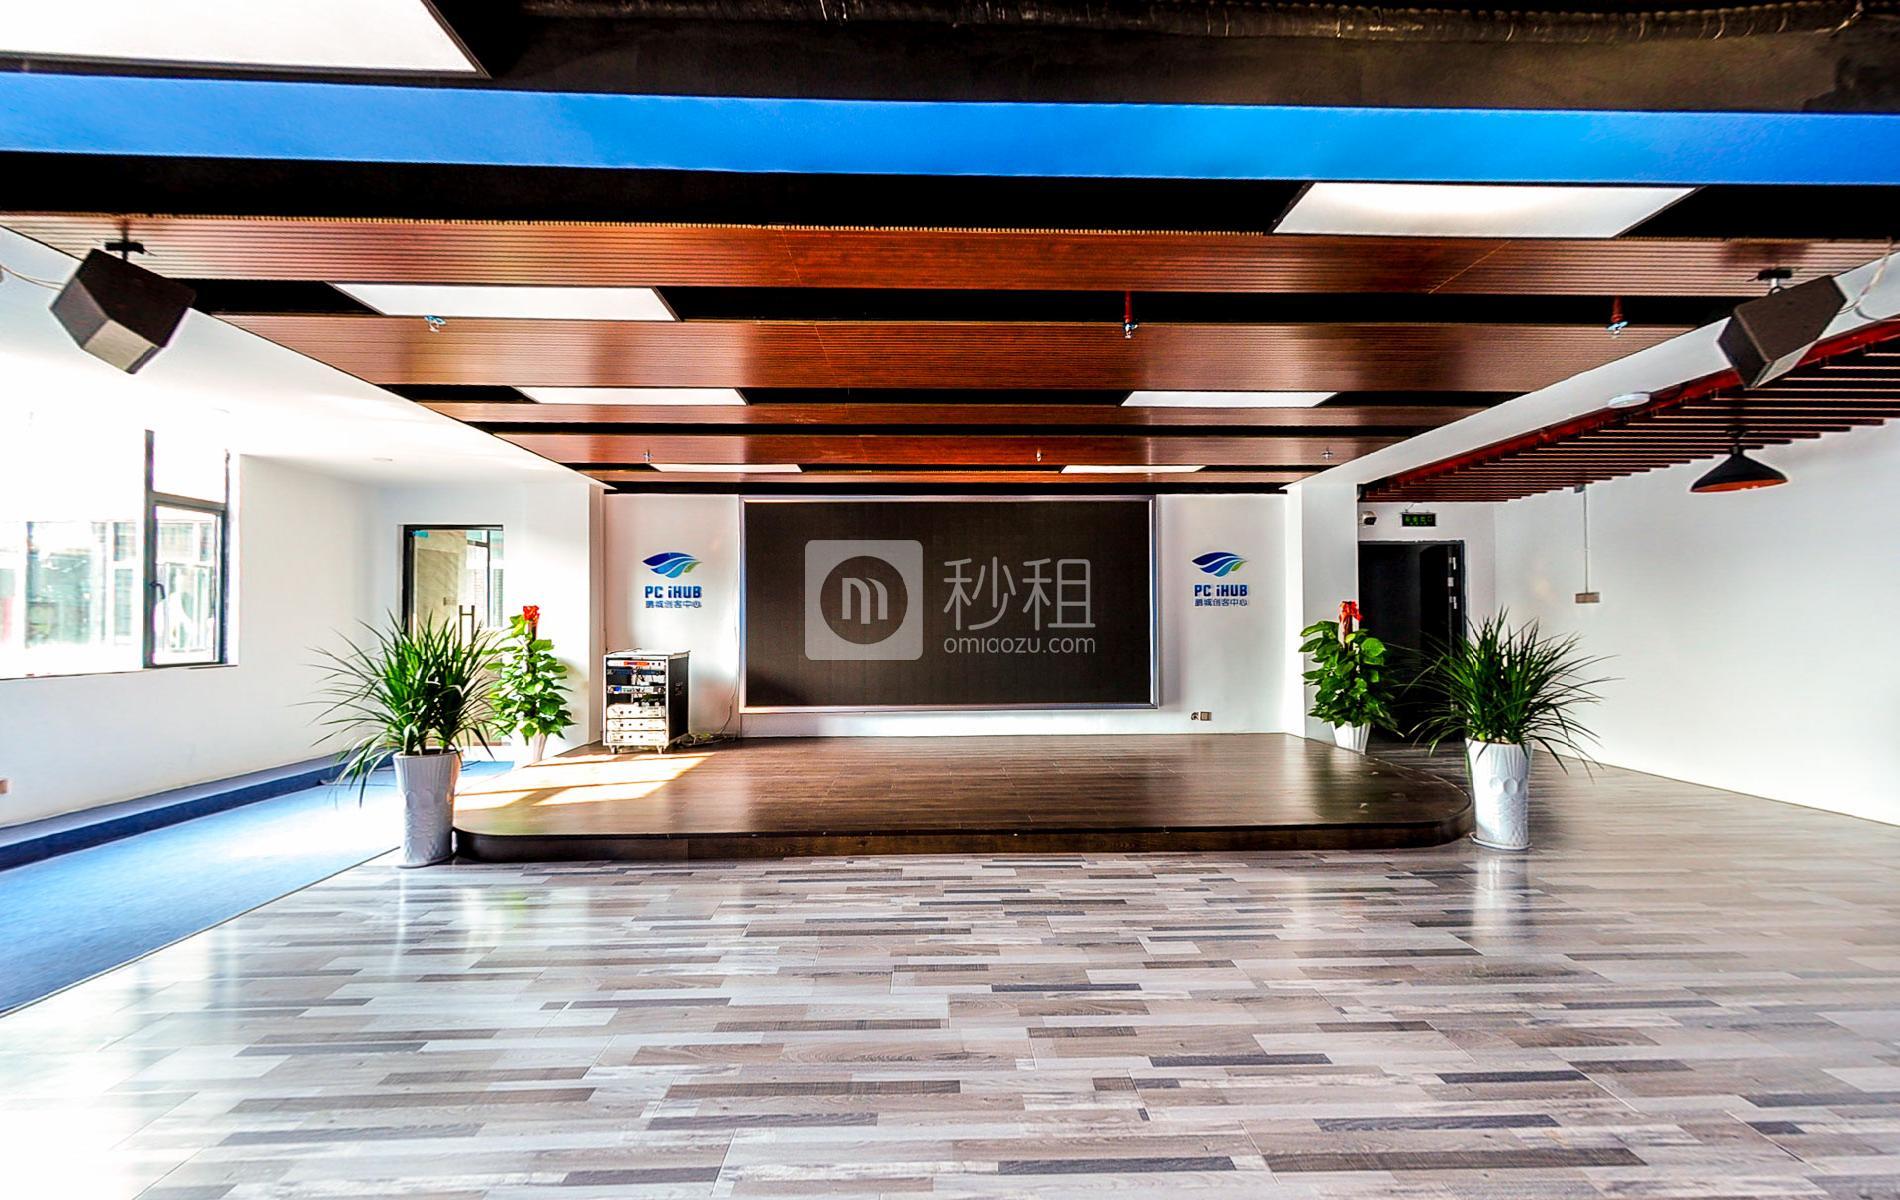 鹏城创客中心写字楼出租/招租/租赁,鹏城创客中心办公室出租/招租/租赁